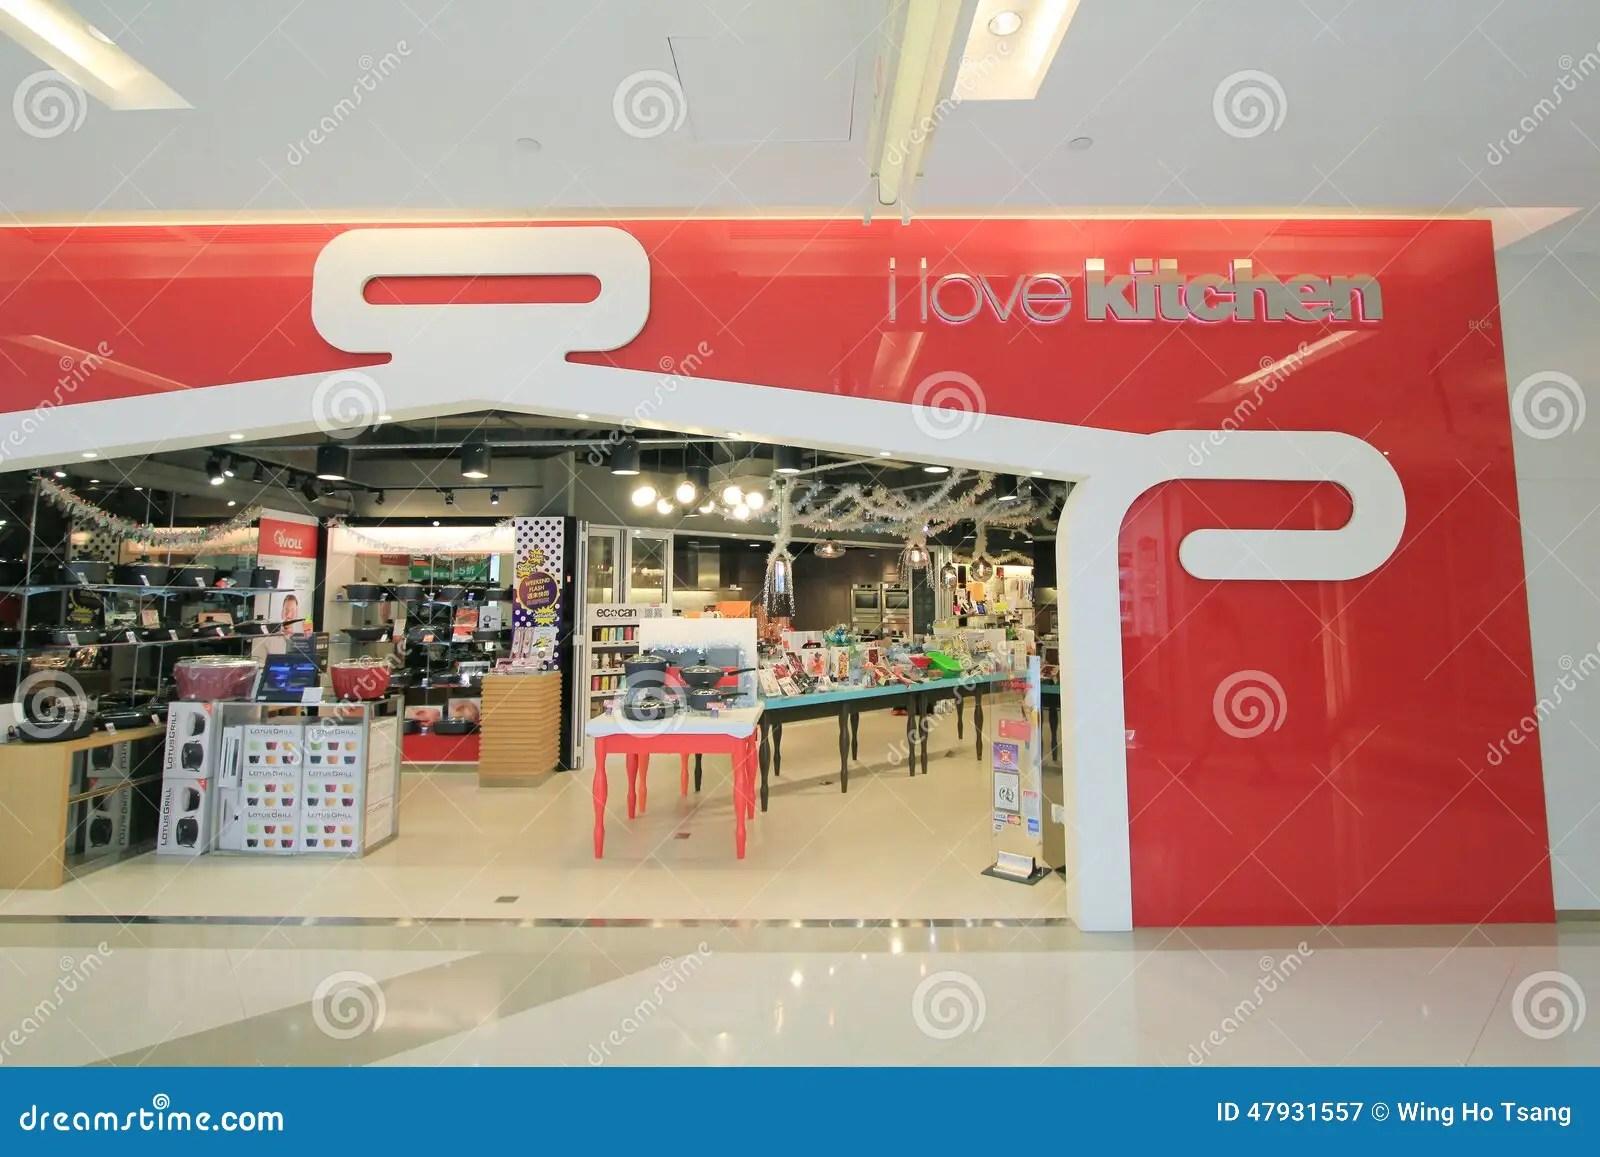 kitchens store facelift for kitchen cabinets 我在香港爱厨房商店图库摄影片 图片包括有厨房 零售商 kong 购物中心 我在香港爱厨房商店